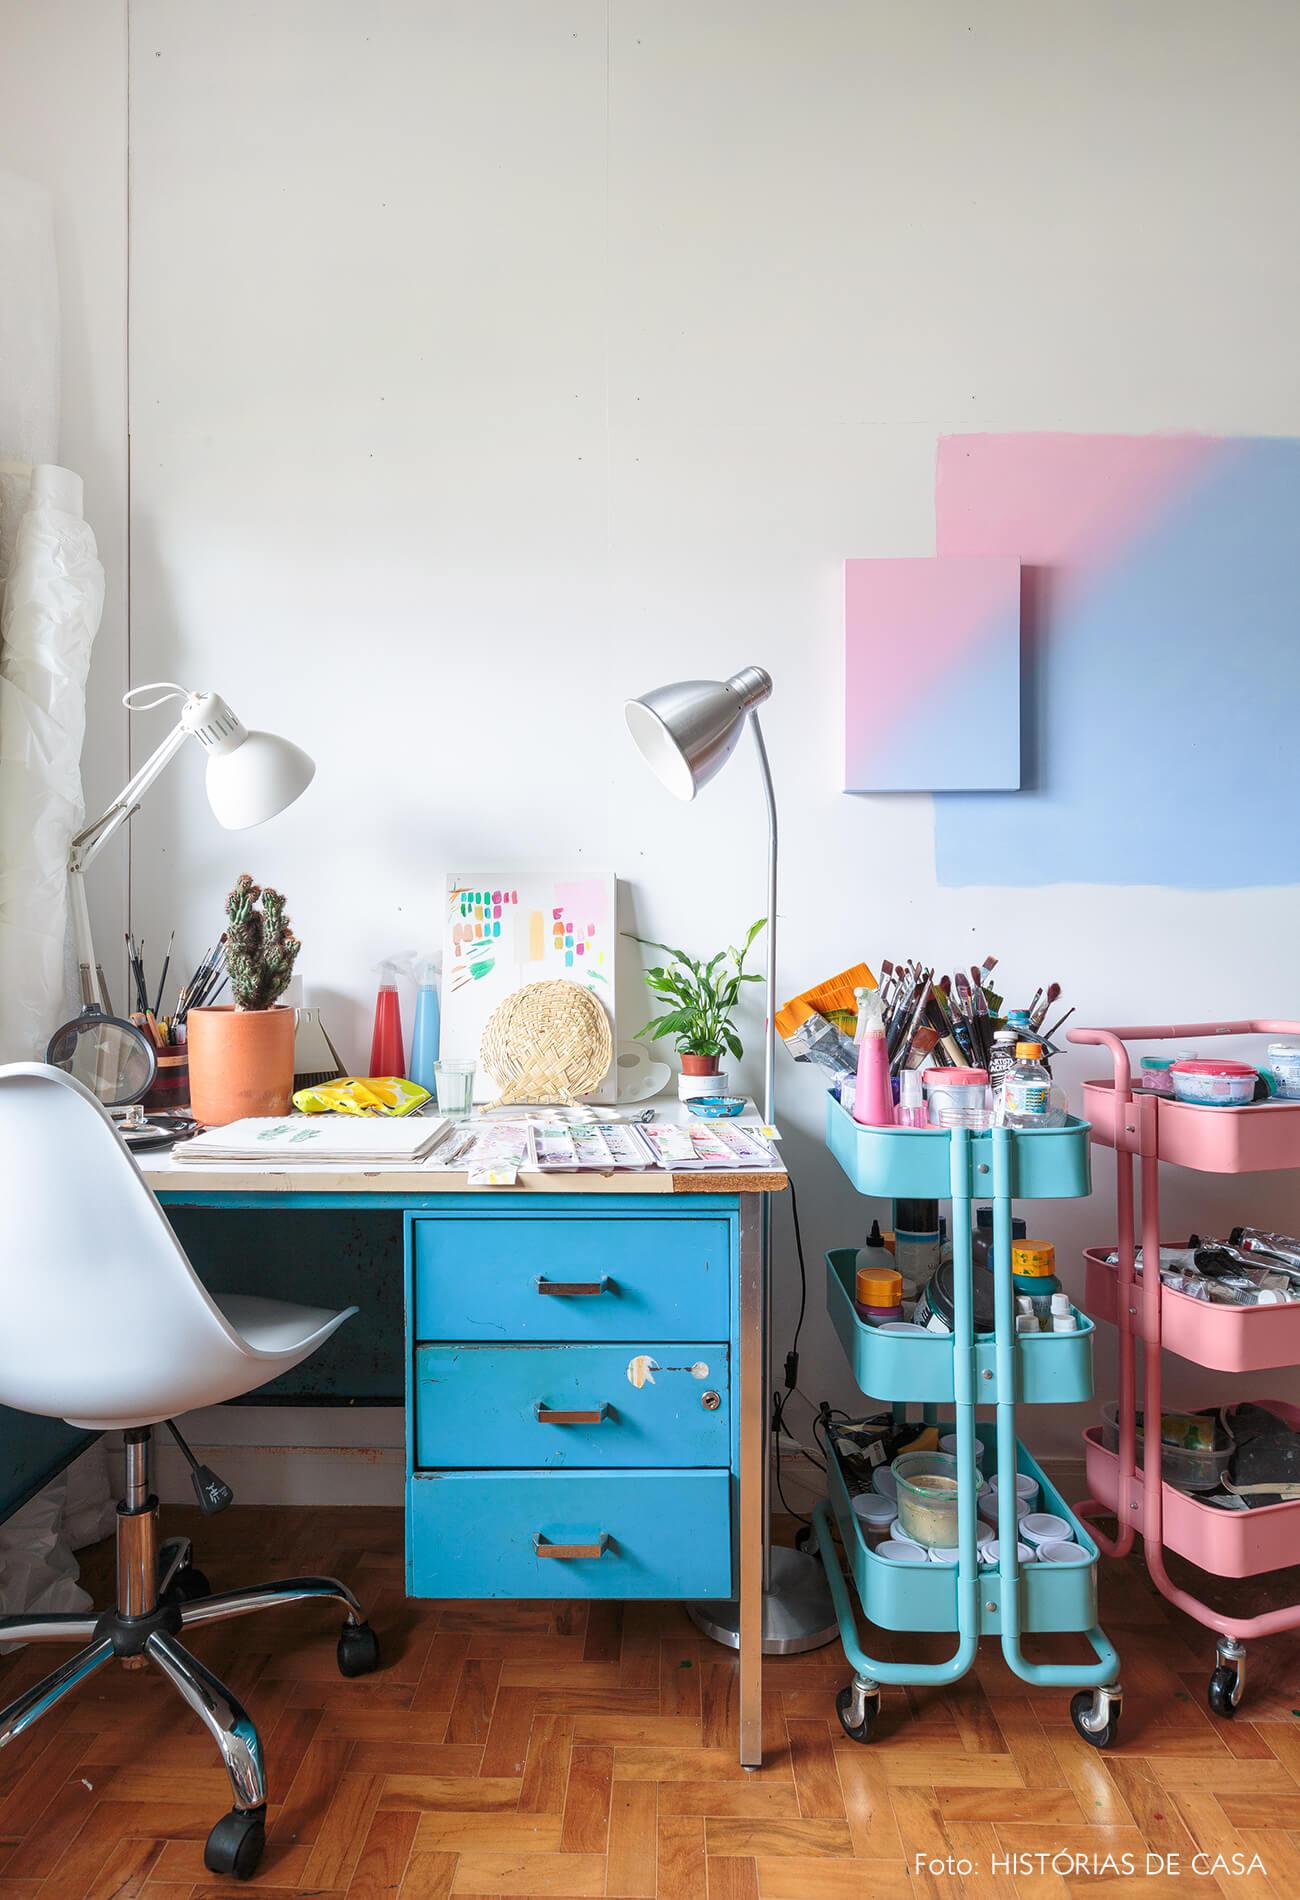 decoração atelie com carrinhos azul e rosa